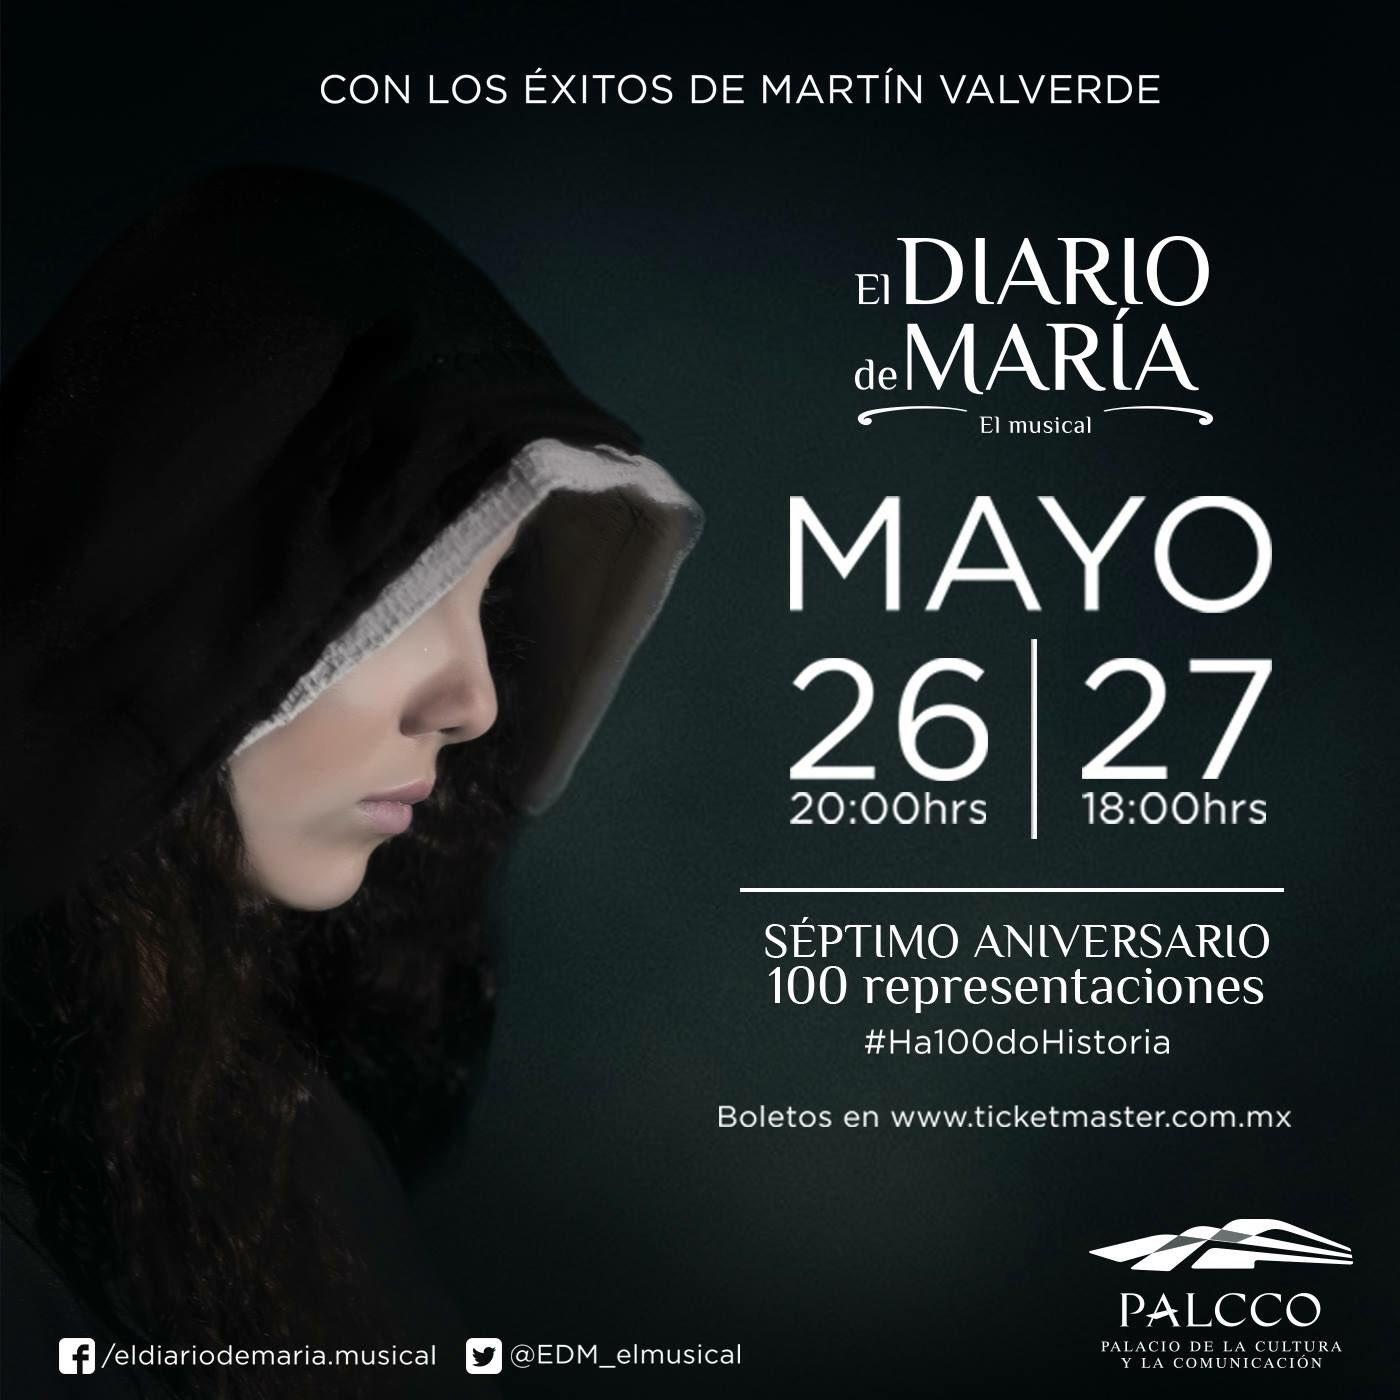 El Diario de Maria / PALCCO